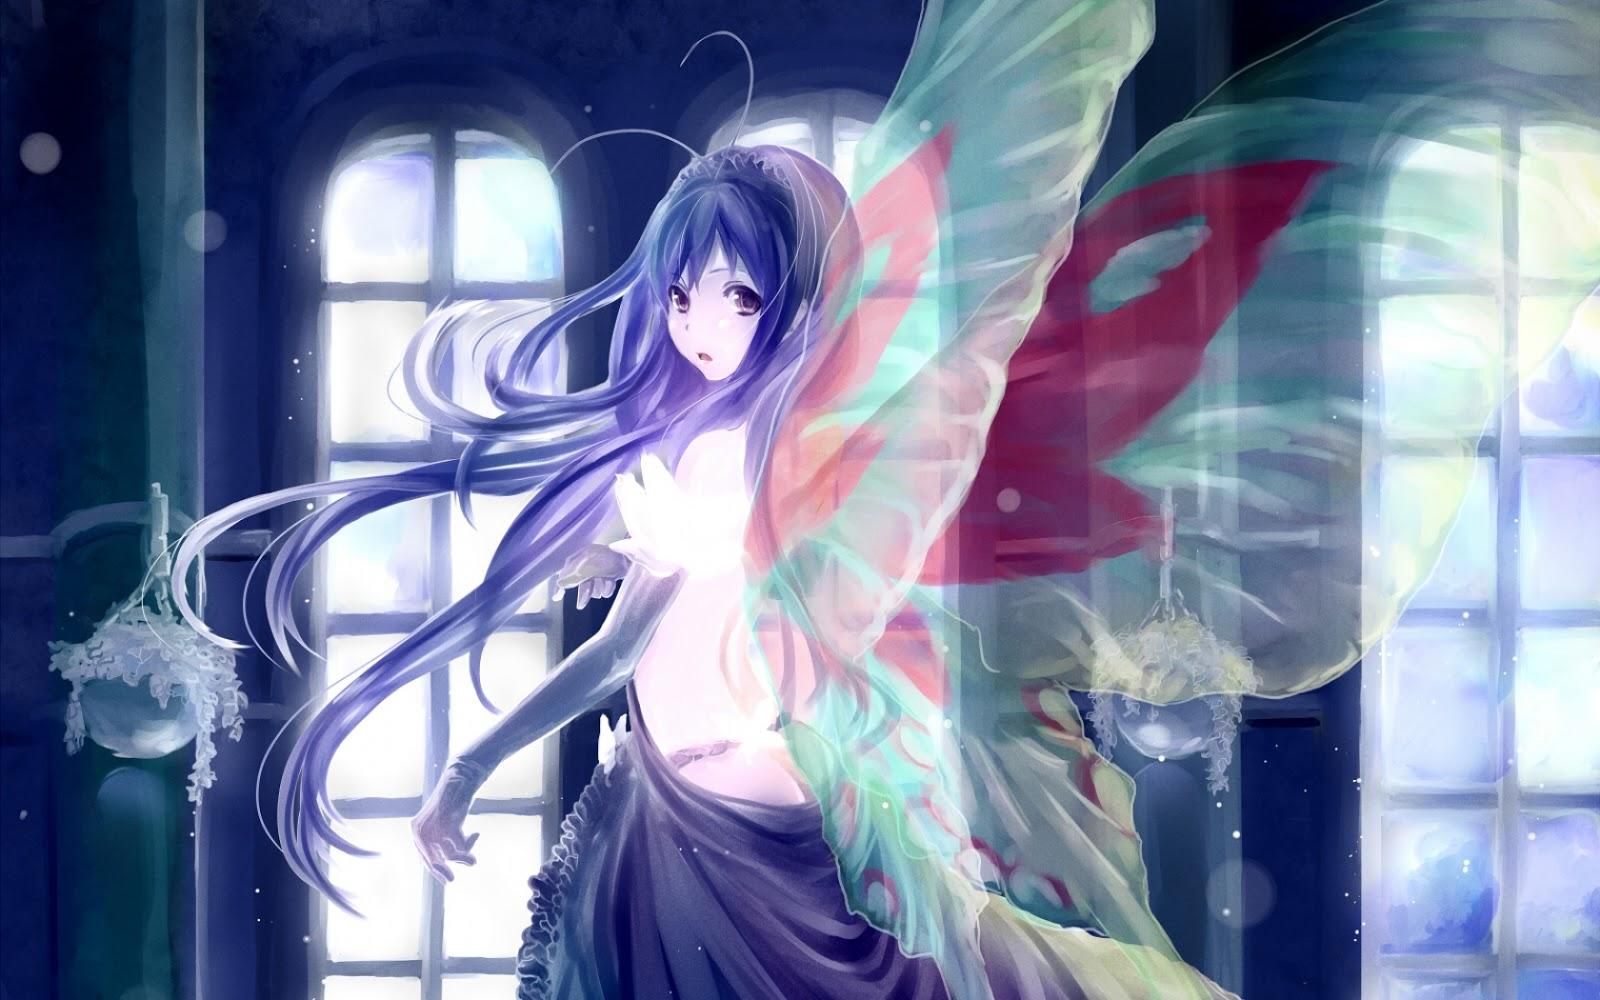 Hd Wallpaper Accel World Kuroyukihime Butterfly Wings 0011